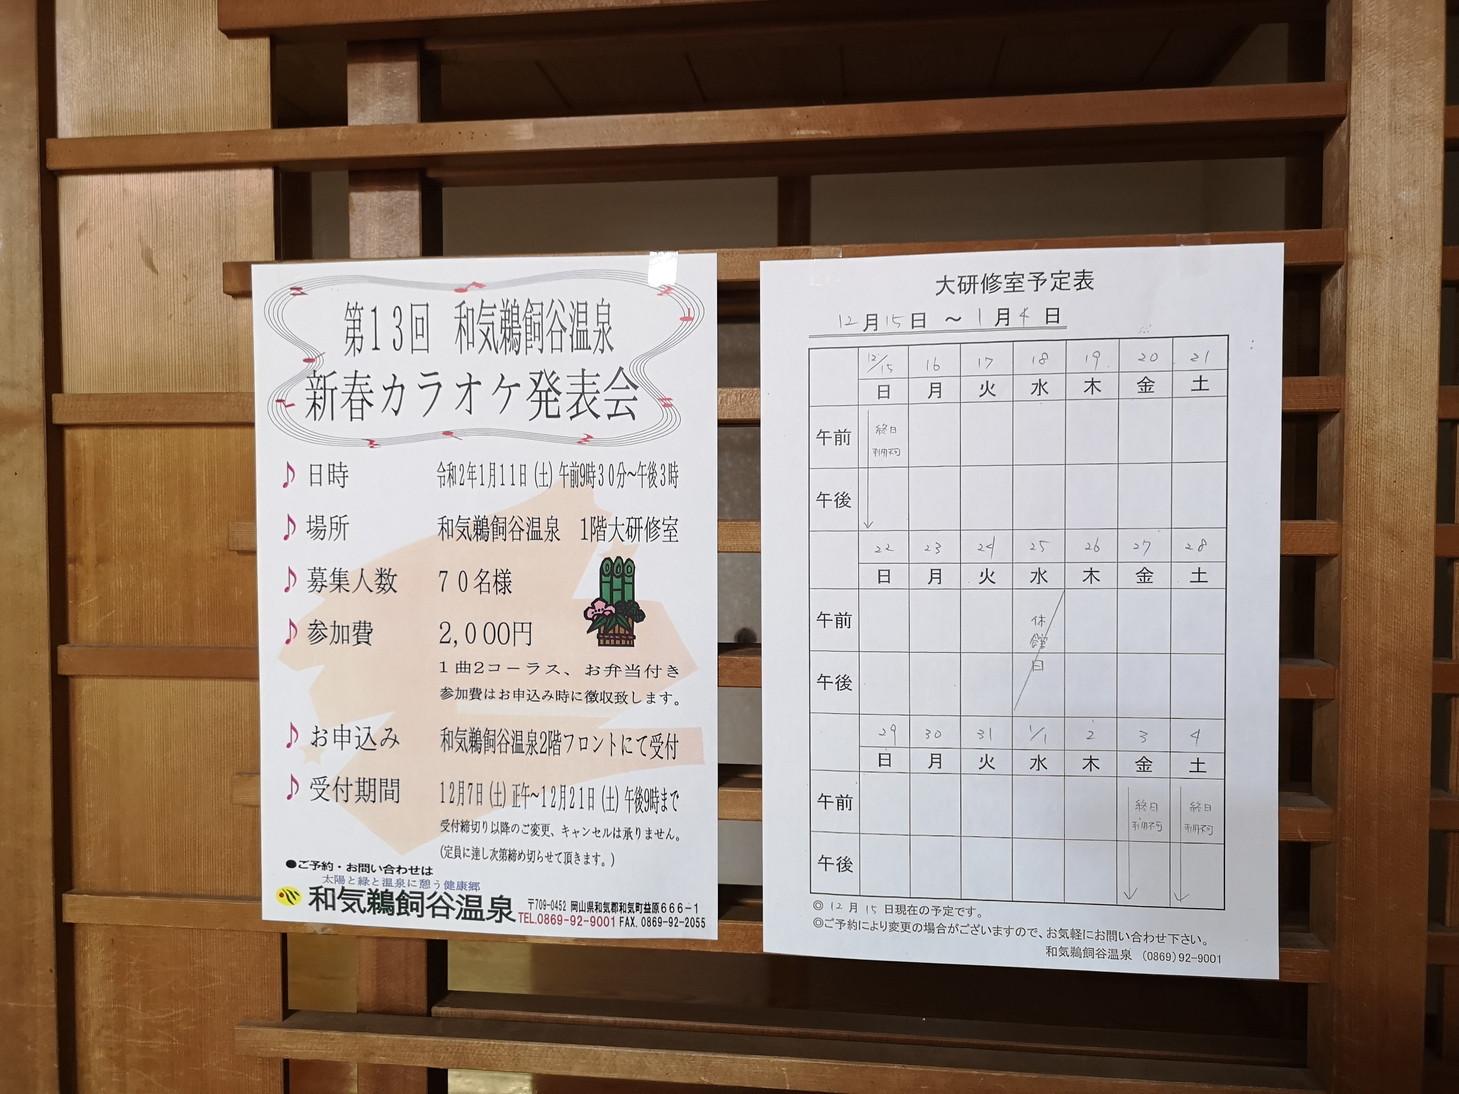 20191219_和気鵜飼谷温泉 (17)